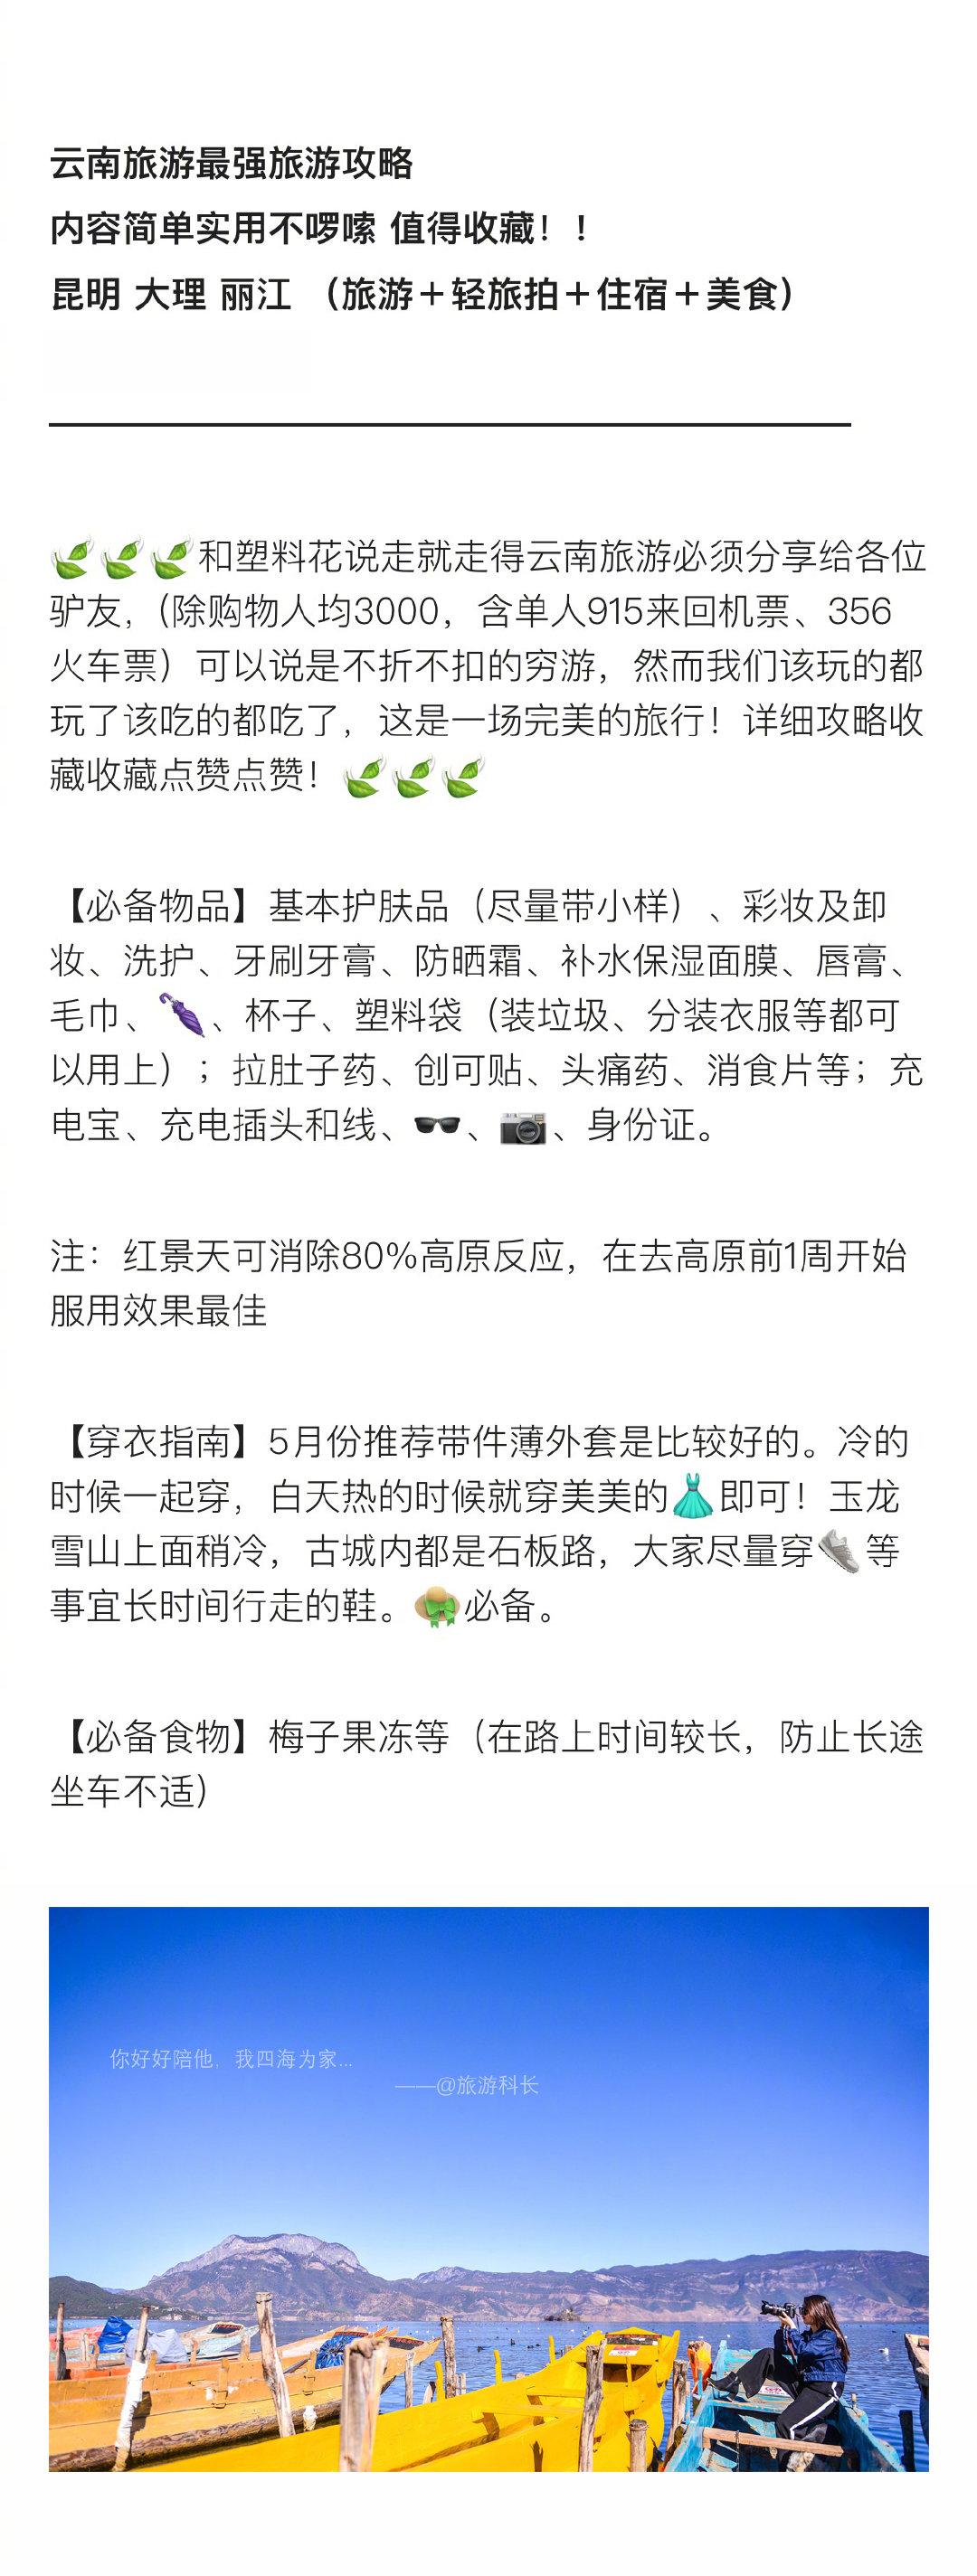 超实用丽江旅游攻略